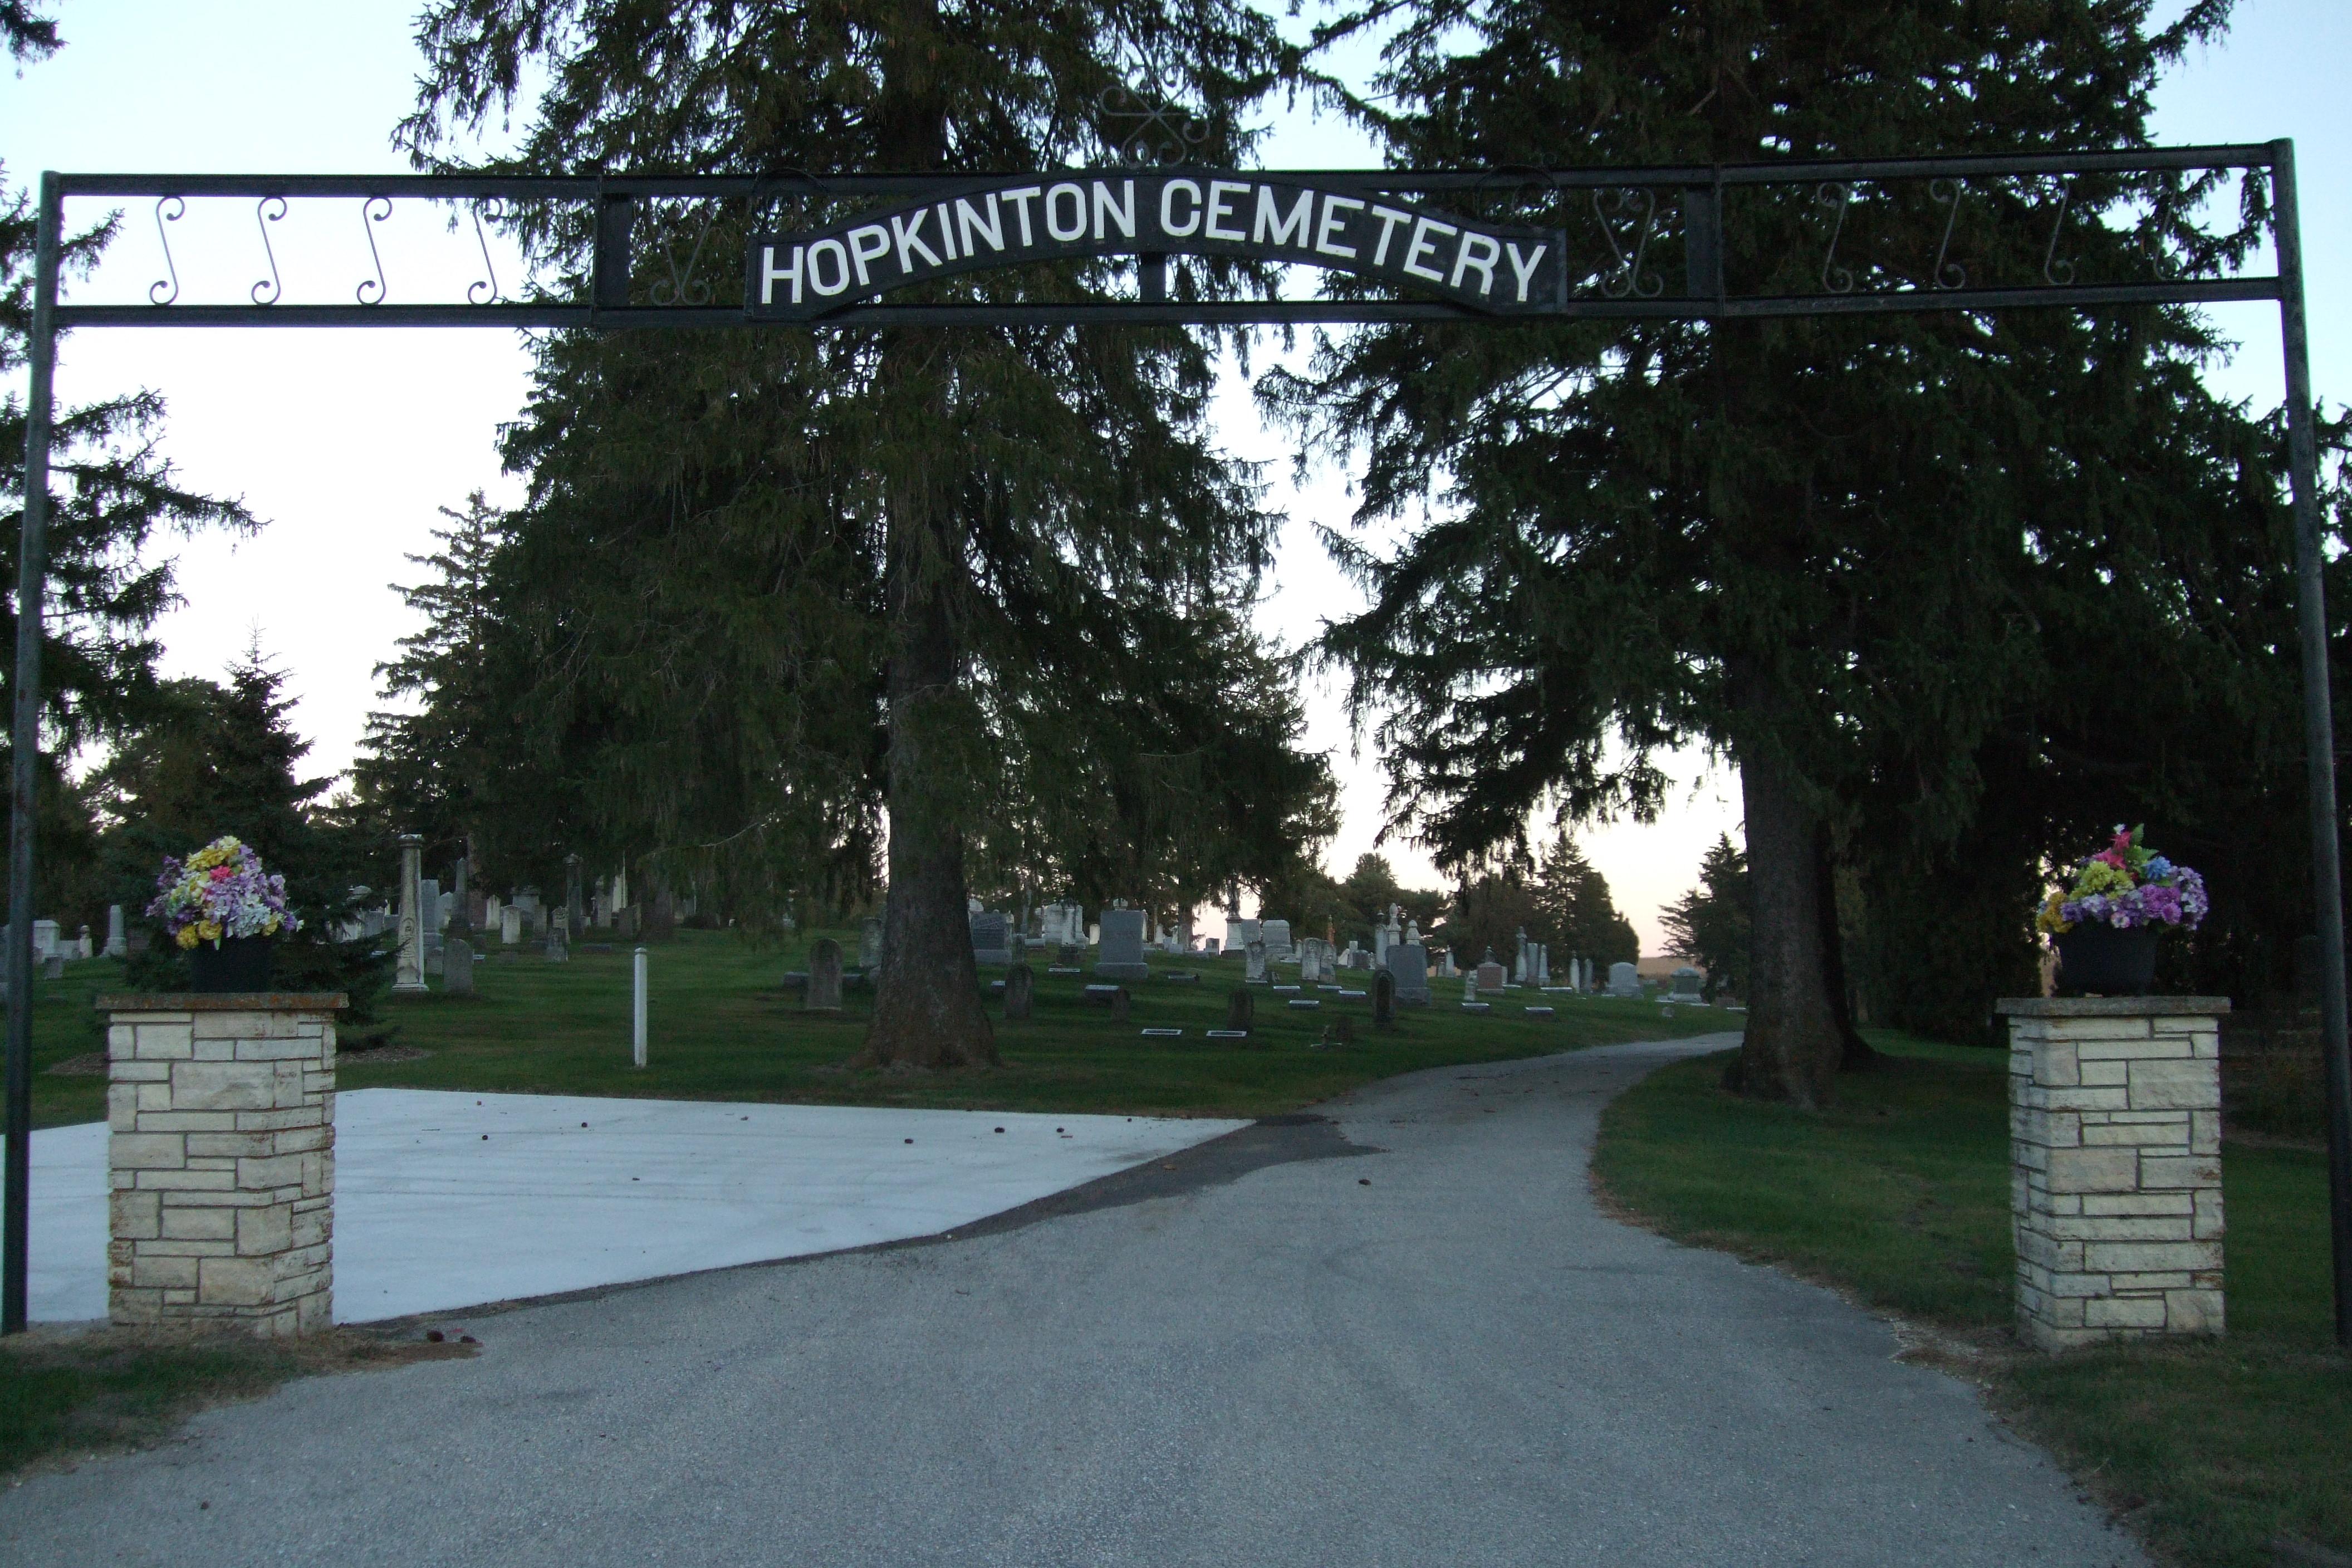 Hopkinton Cemetery